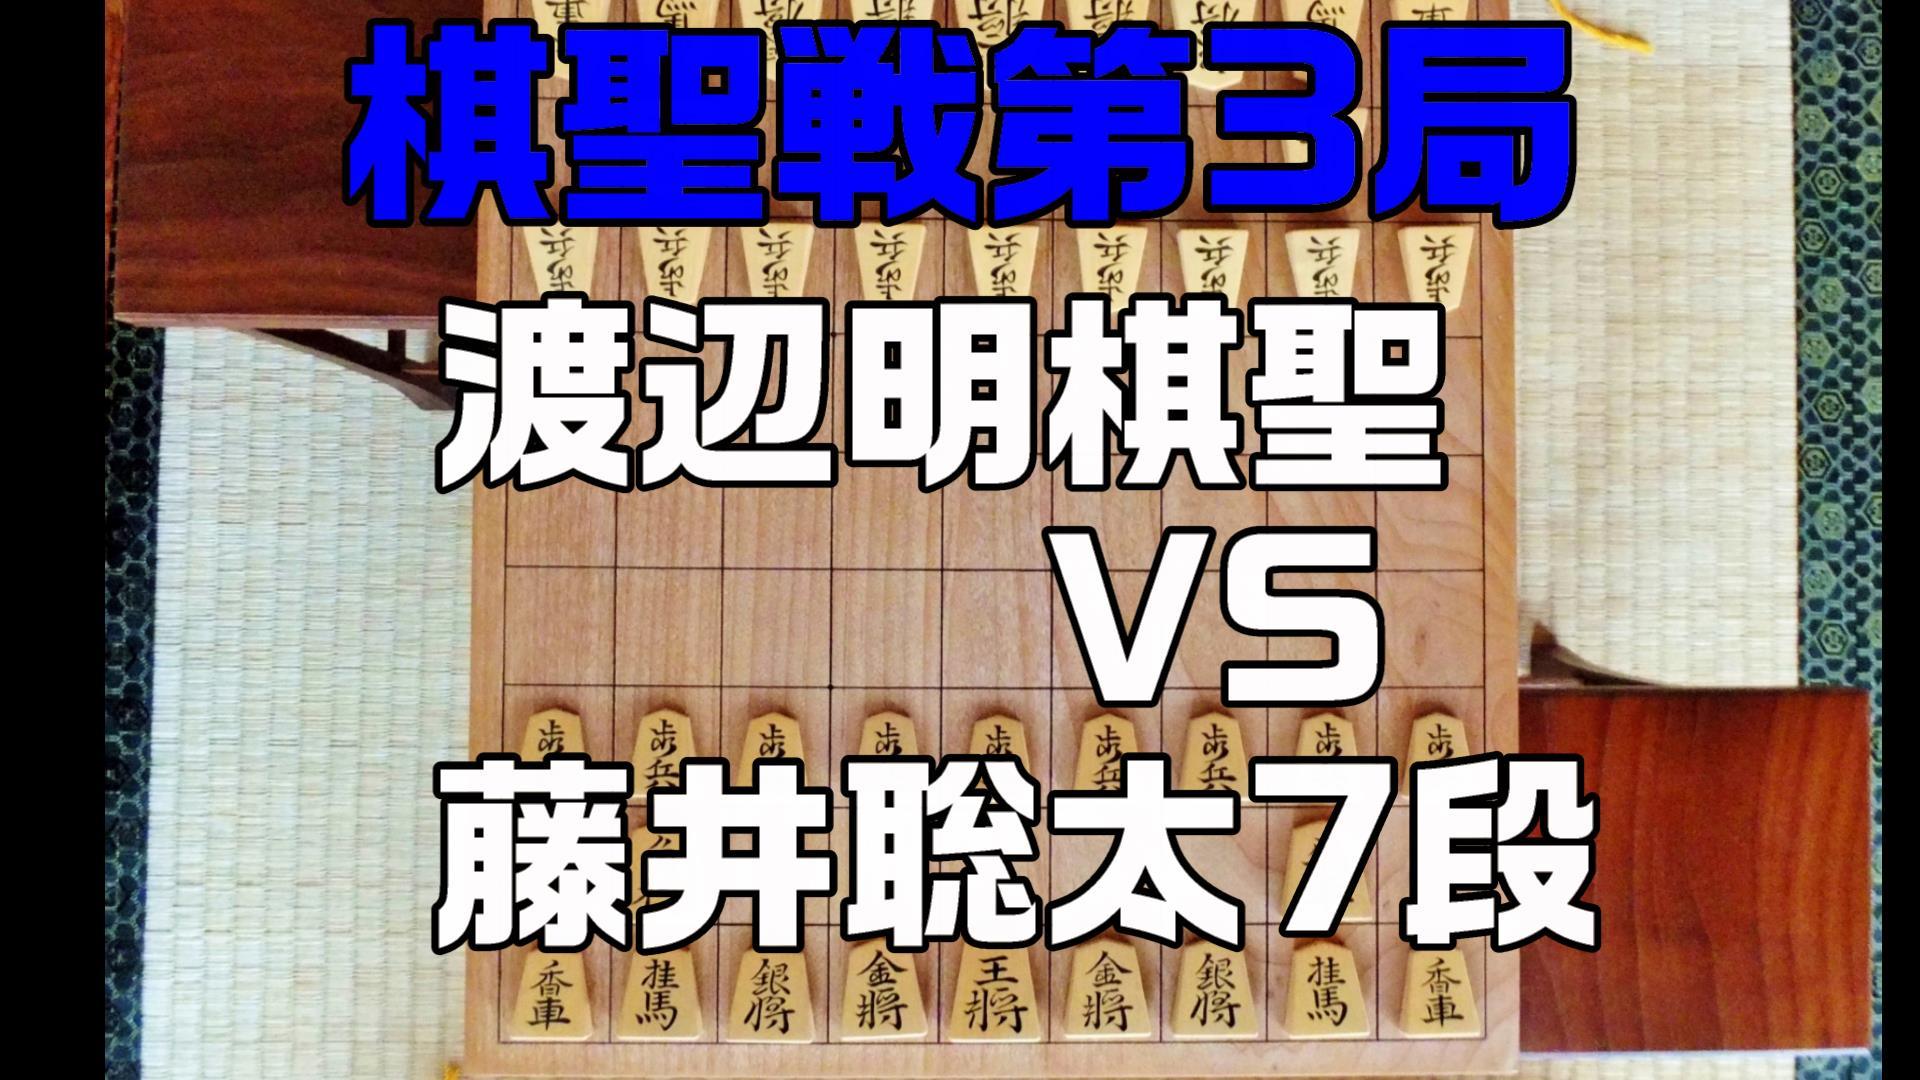 渡辺棋聖VS藤井聡太七段 最年少のタイトル奪取なるか?